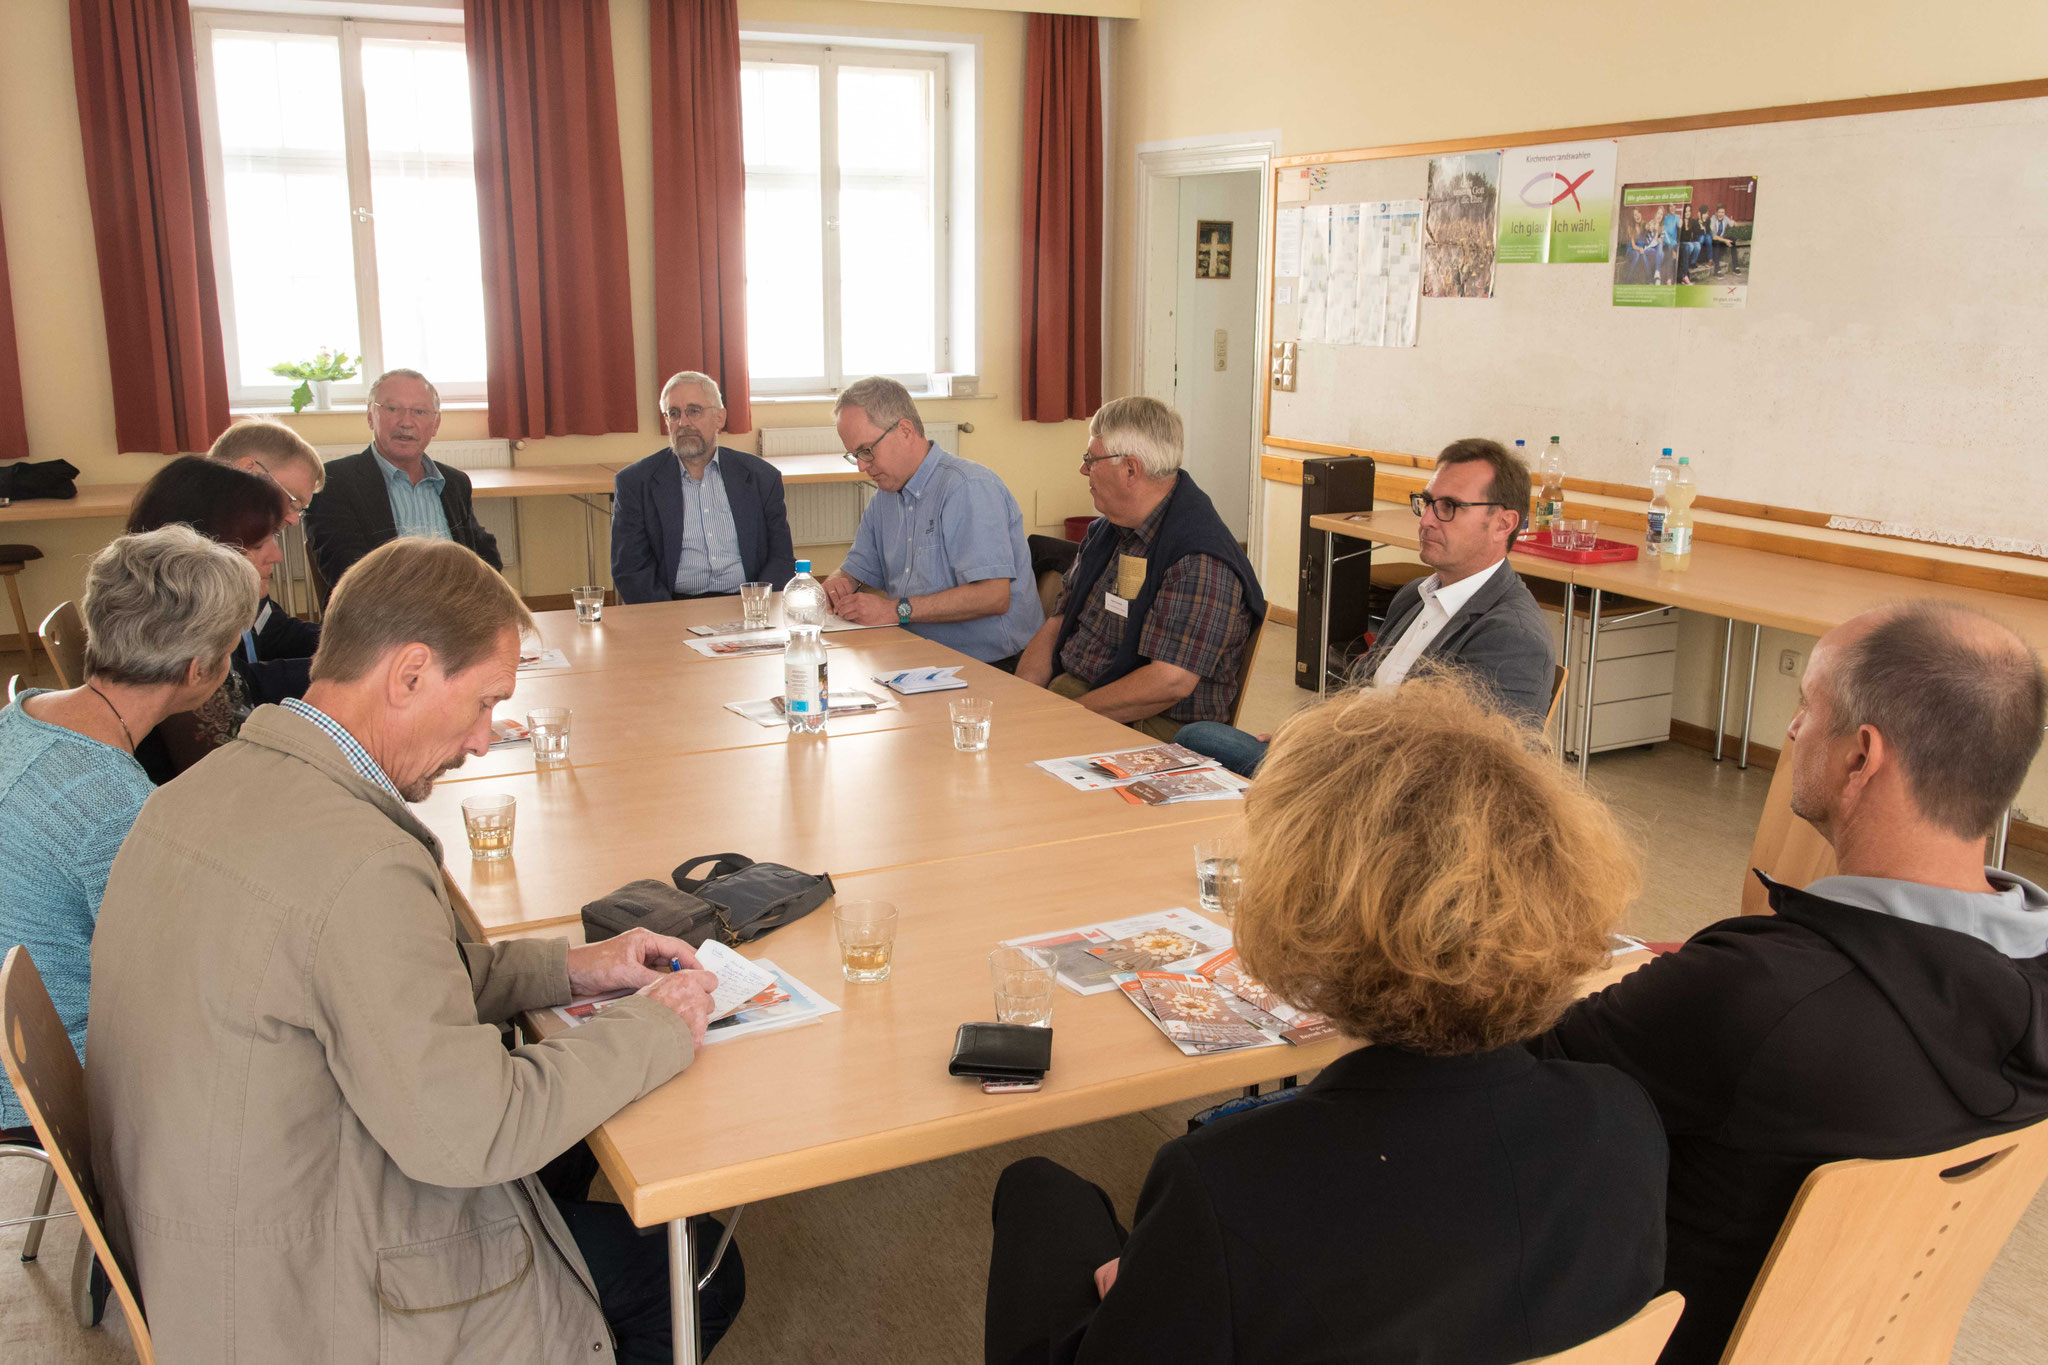 Hans Peetz und LEADER-Manager Gerhard Hensel (hinten v.l.) erläutern das Projekt Markgrafenkirchen entdecken